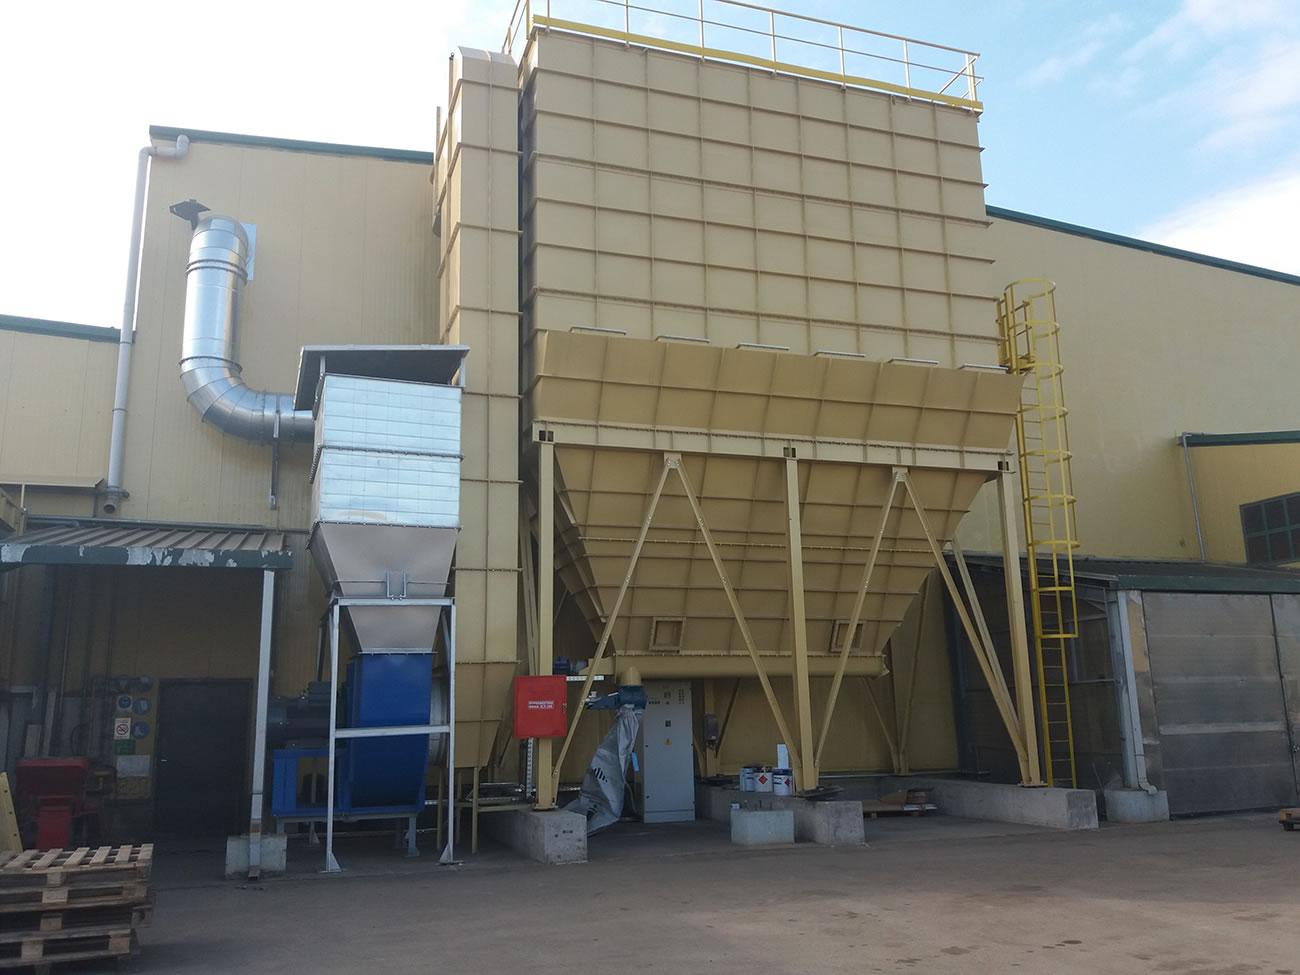 Αντιεκρηκτικό φίλτρο ATEX ZONE 21 επιφάνειας 900 μ² αποκονίωση εργοστασίου ανακύκλωσης